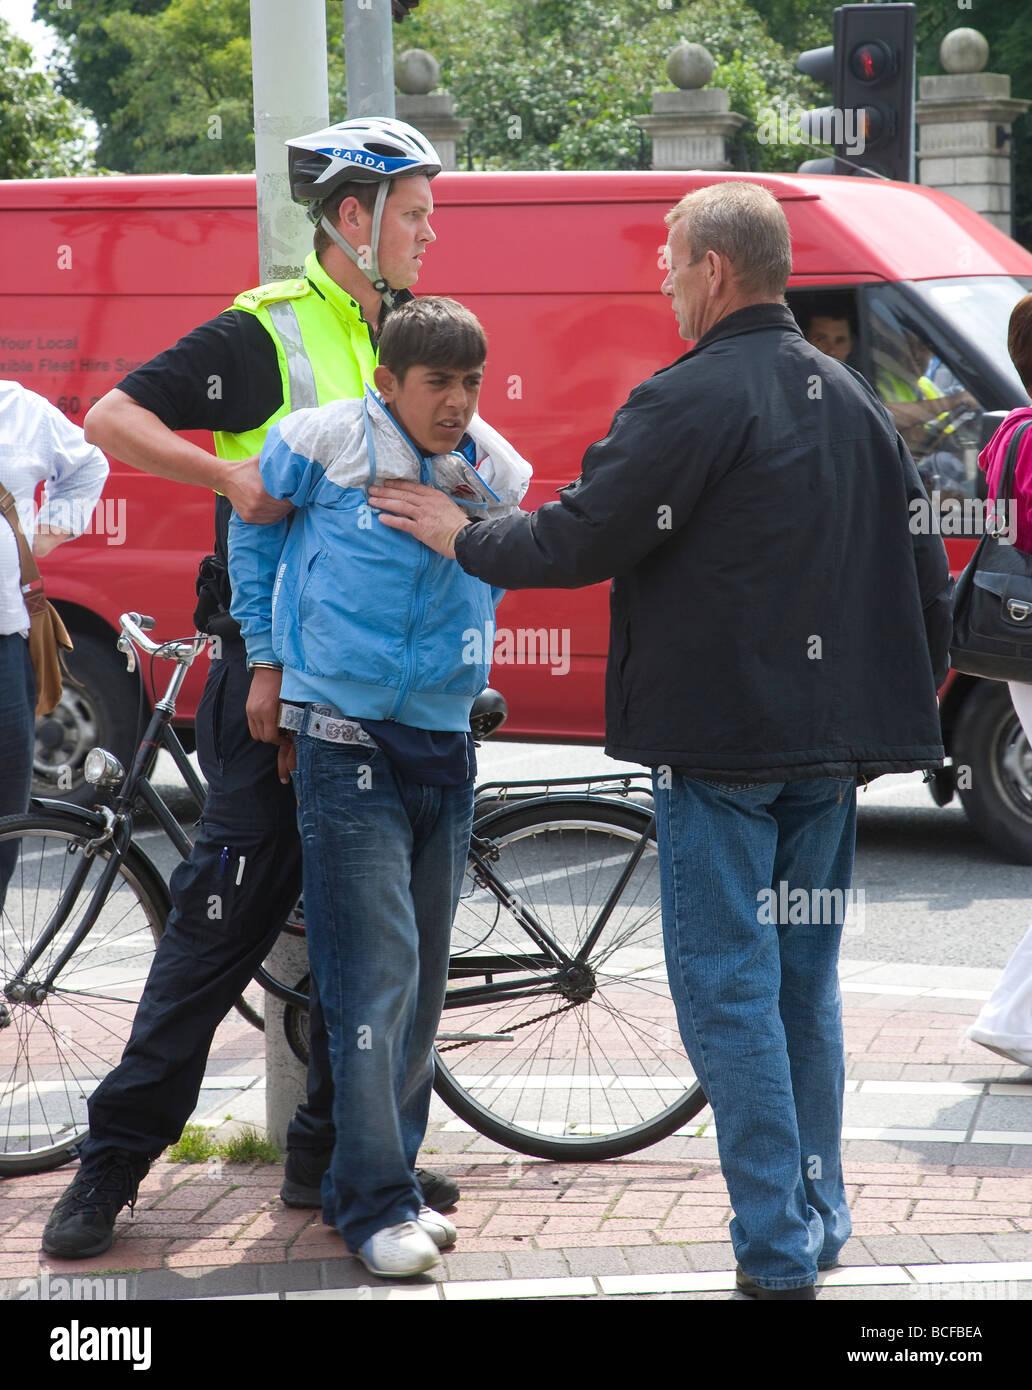 law enforcement officer arresting juvenile - Stock Image